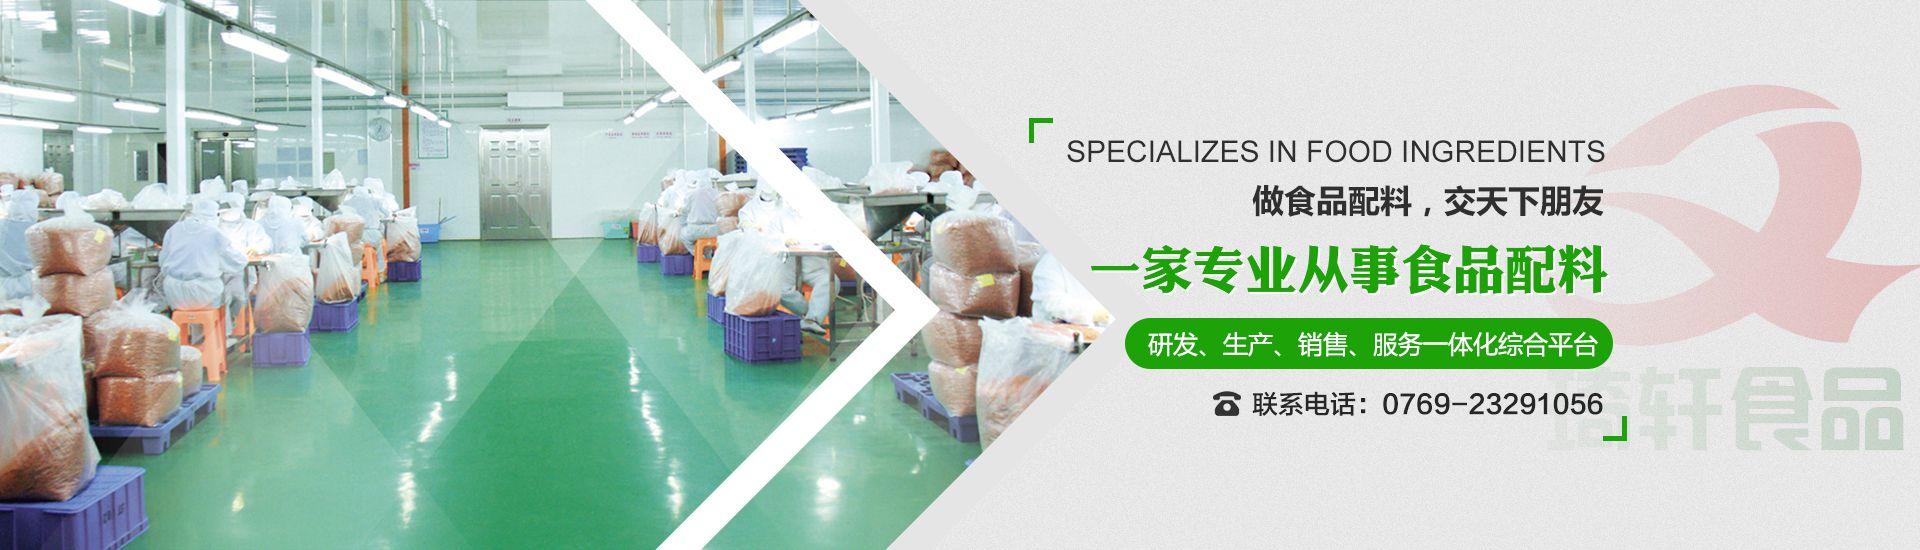 东莞市琦轩食品有限公司